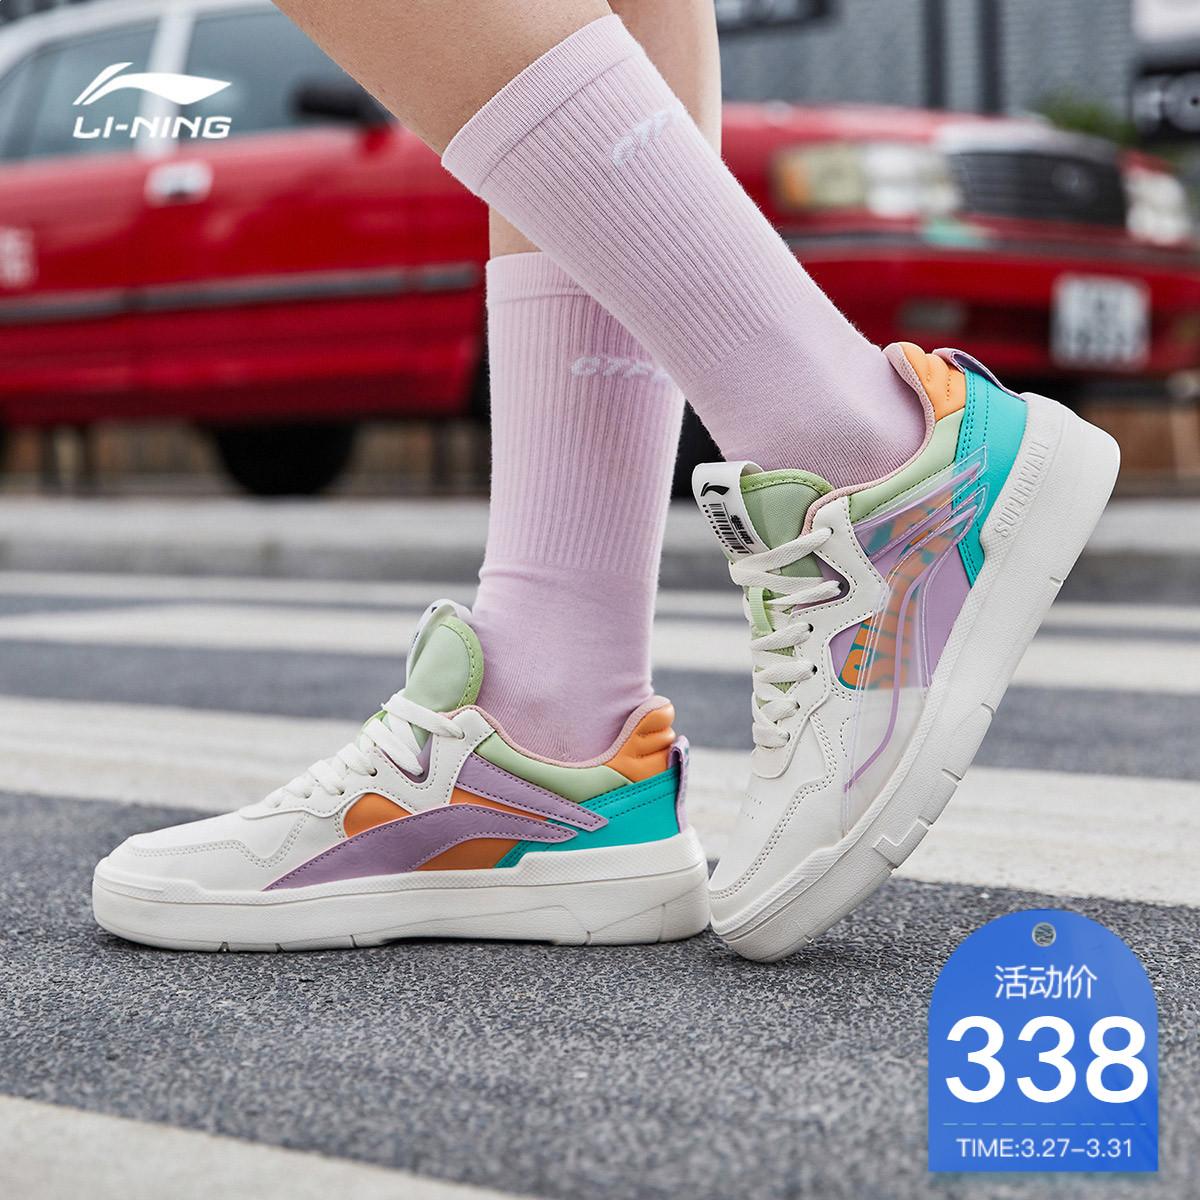 李宁休闲鞋官方2021新款休闲女鞋评价好不好